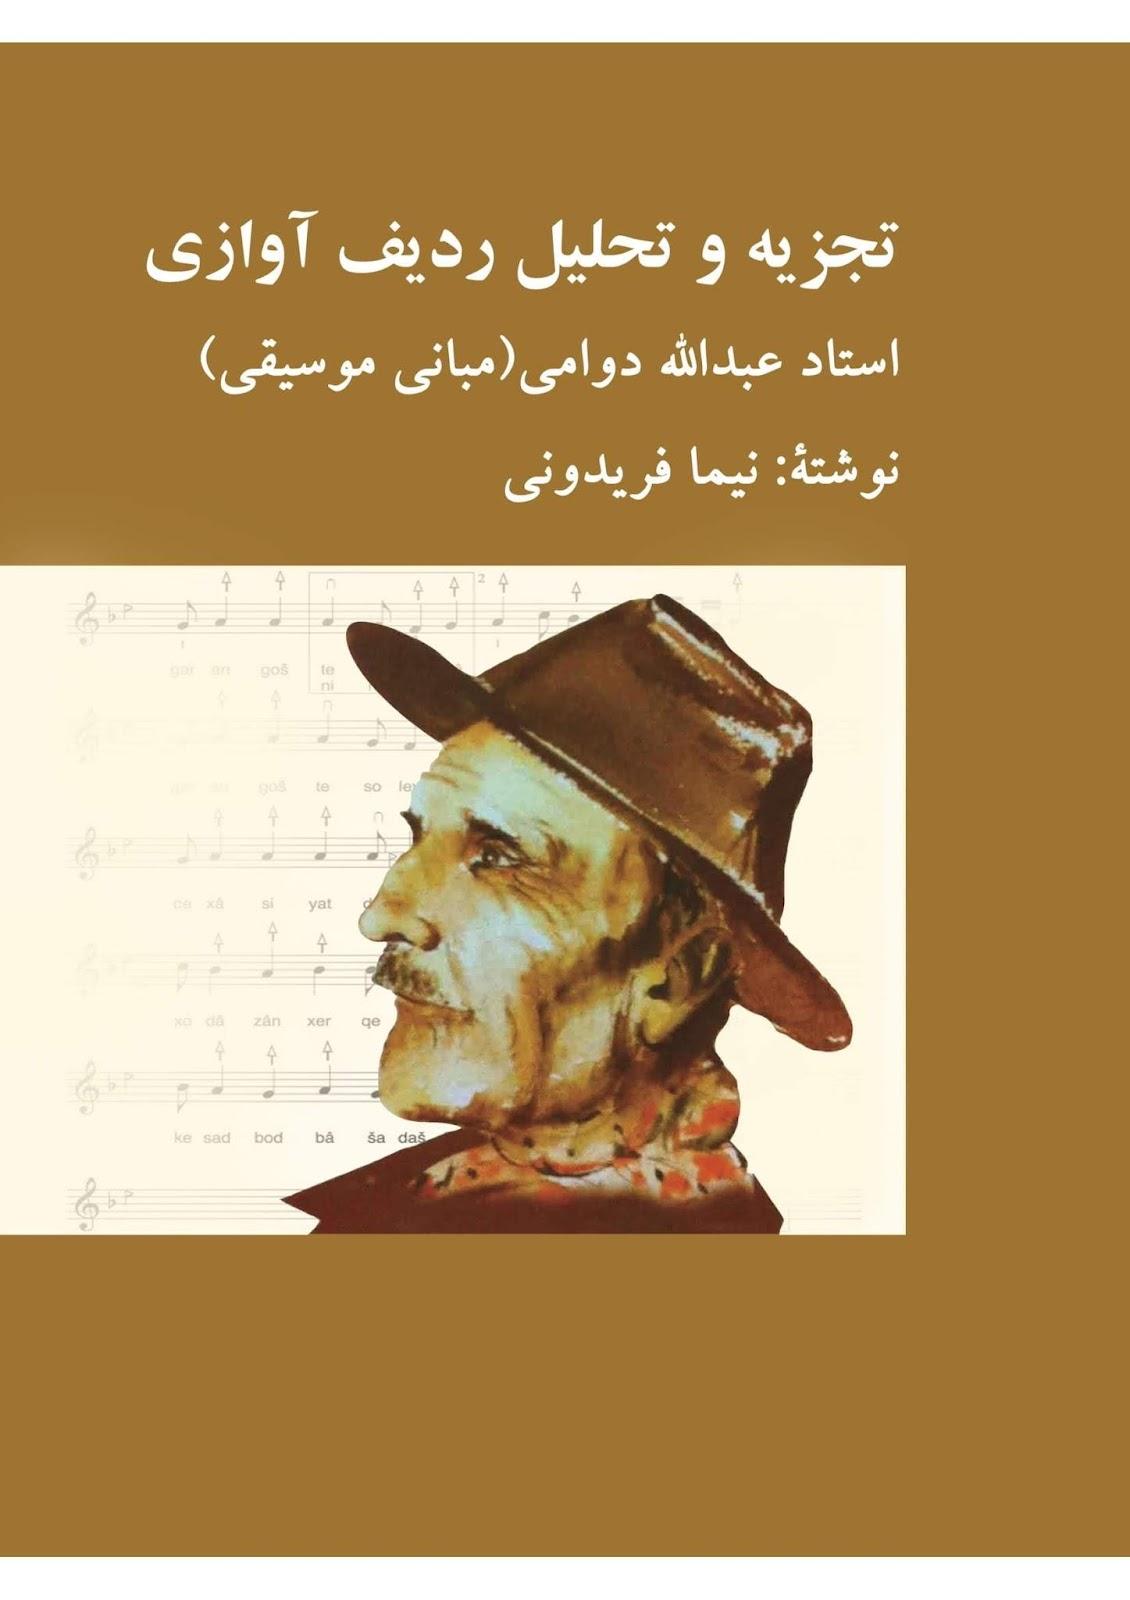 کتاب تجزیه و تحلیل ردیف آوازی استاد عبدالله دوامی نوشتهی نیما فریدونی